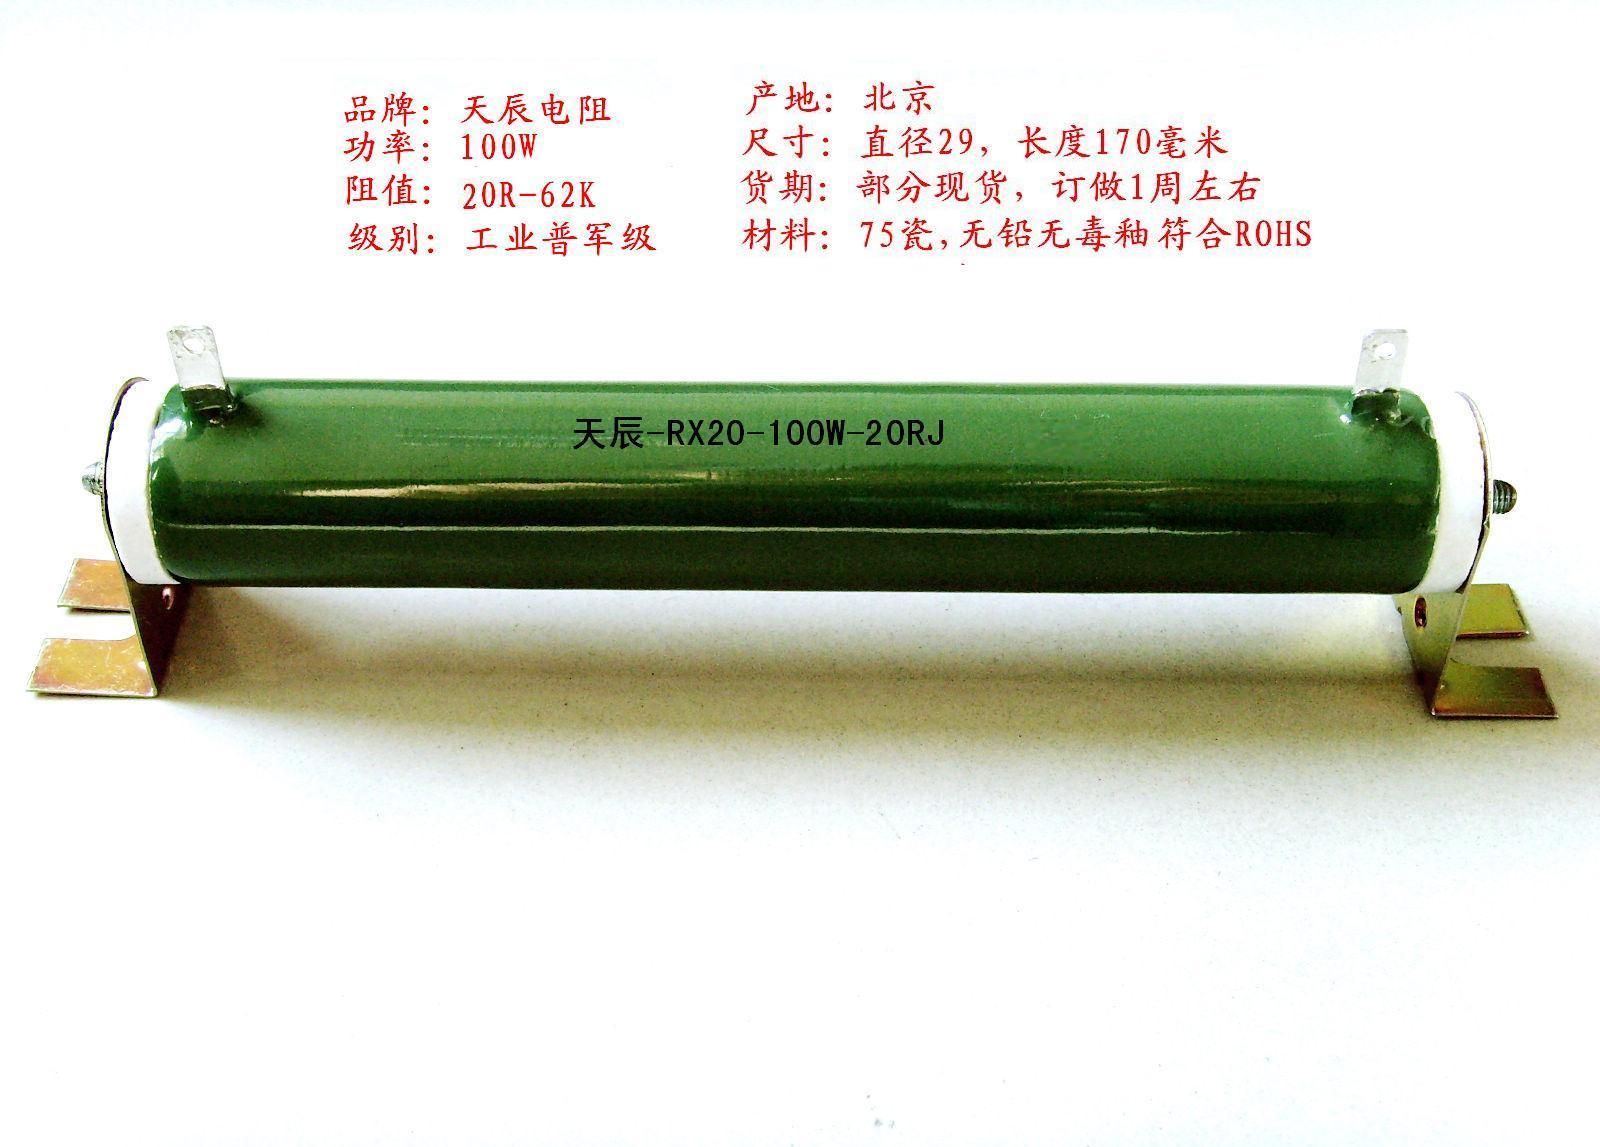 RXH20型被釉管形波绕电阻器,RX20-B型被釉管形带支架线绕电阻器,RXG型被漆管形线绕电阻器,RXHG型被漆管形波绕电阻器,RXG-B型被漆管形带支架电阻器,ZB123型板形线绕电阻器,BC1瓷